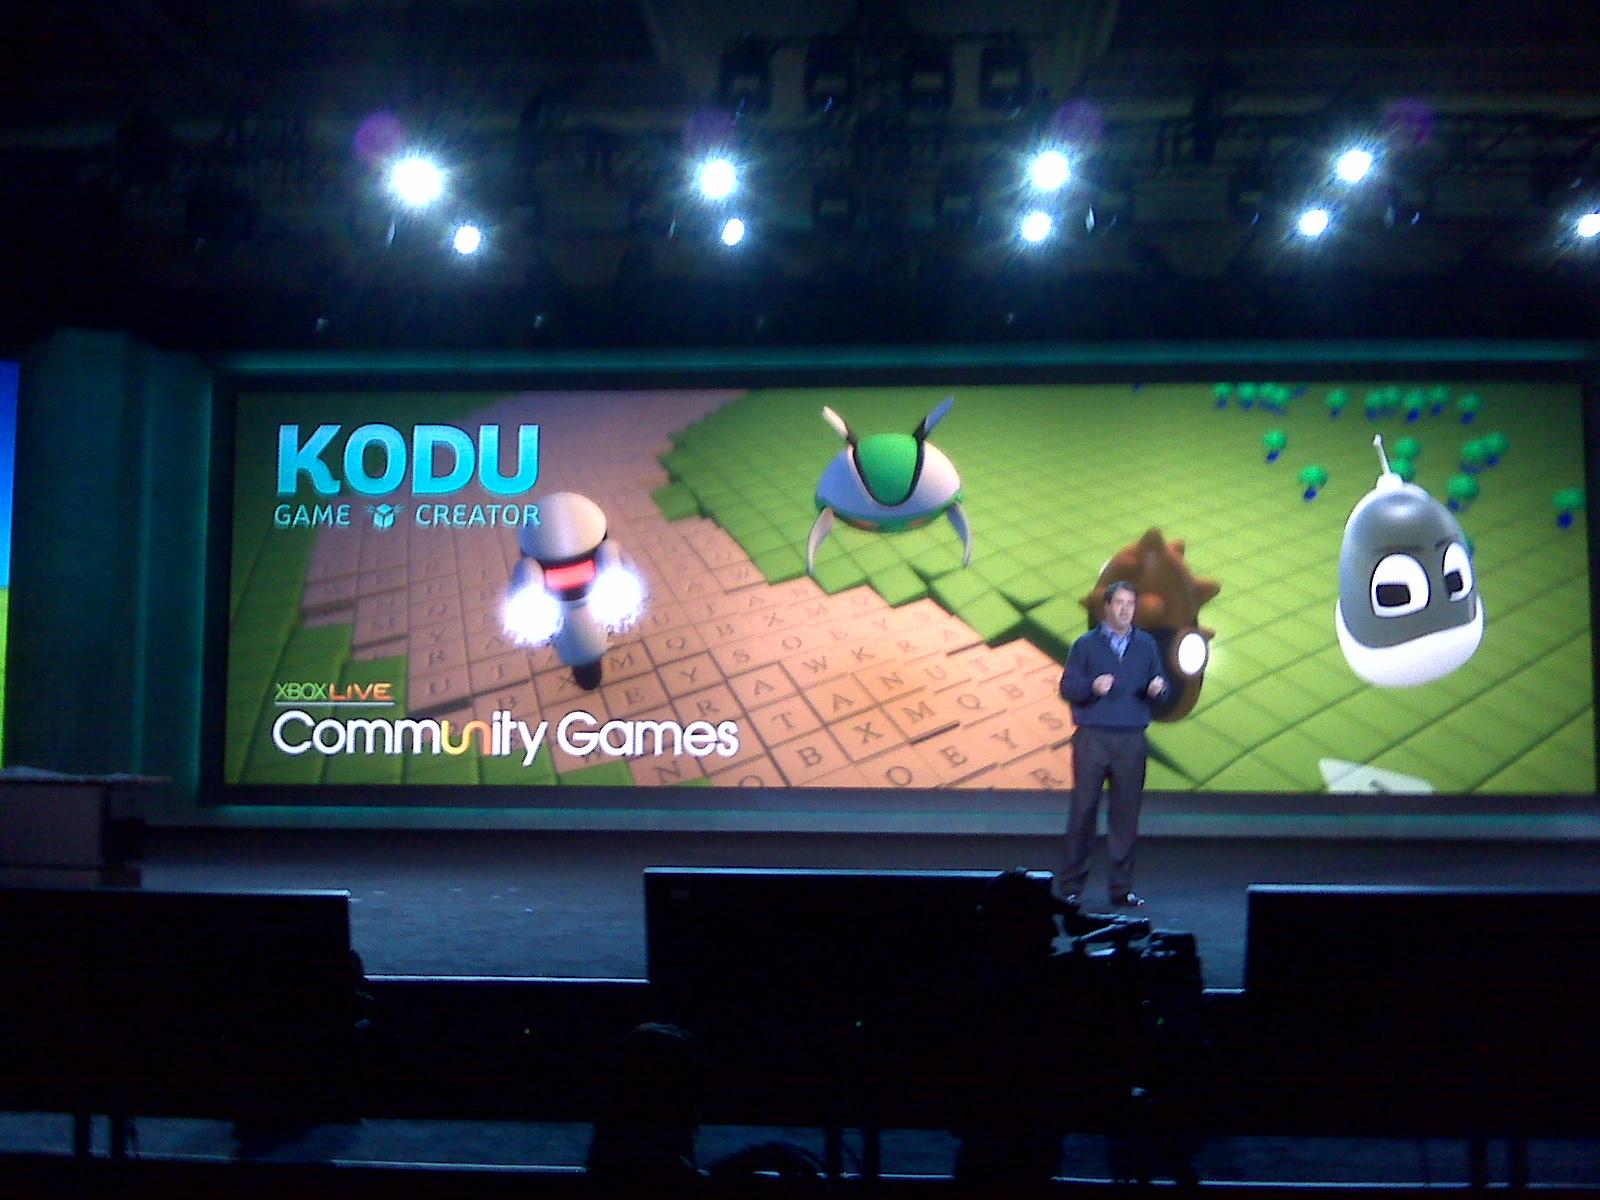 Kodu Game Creator